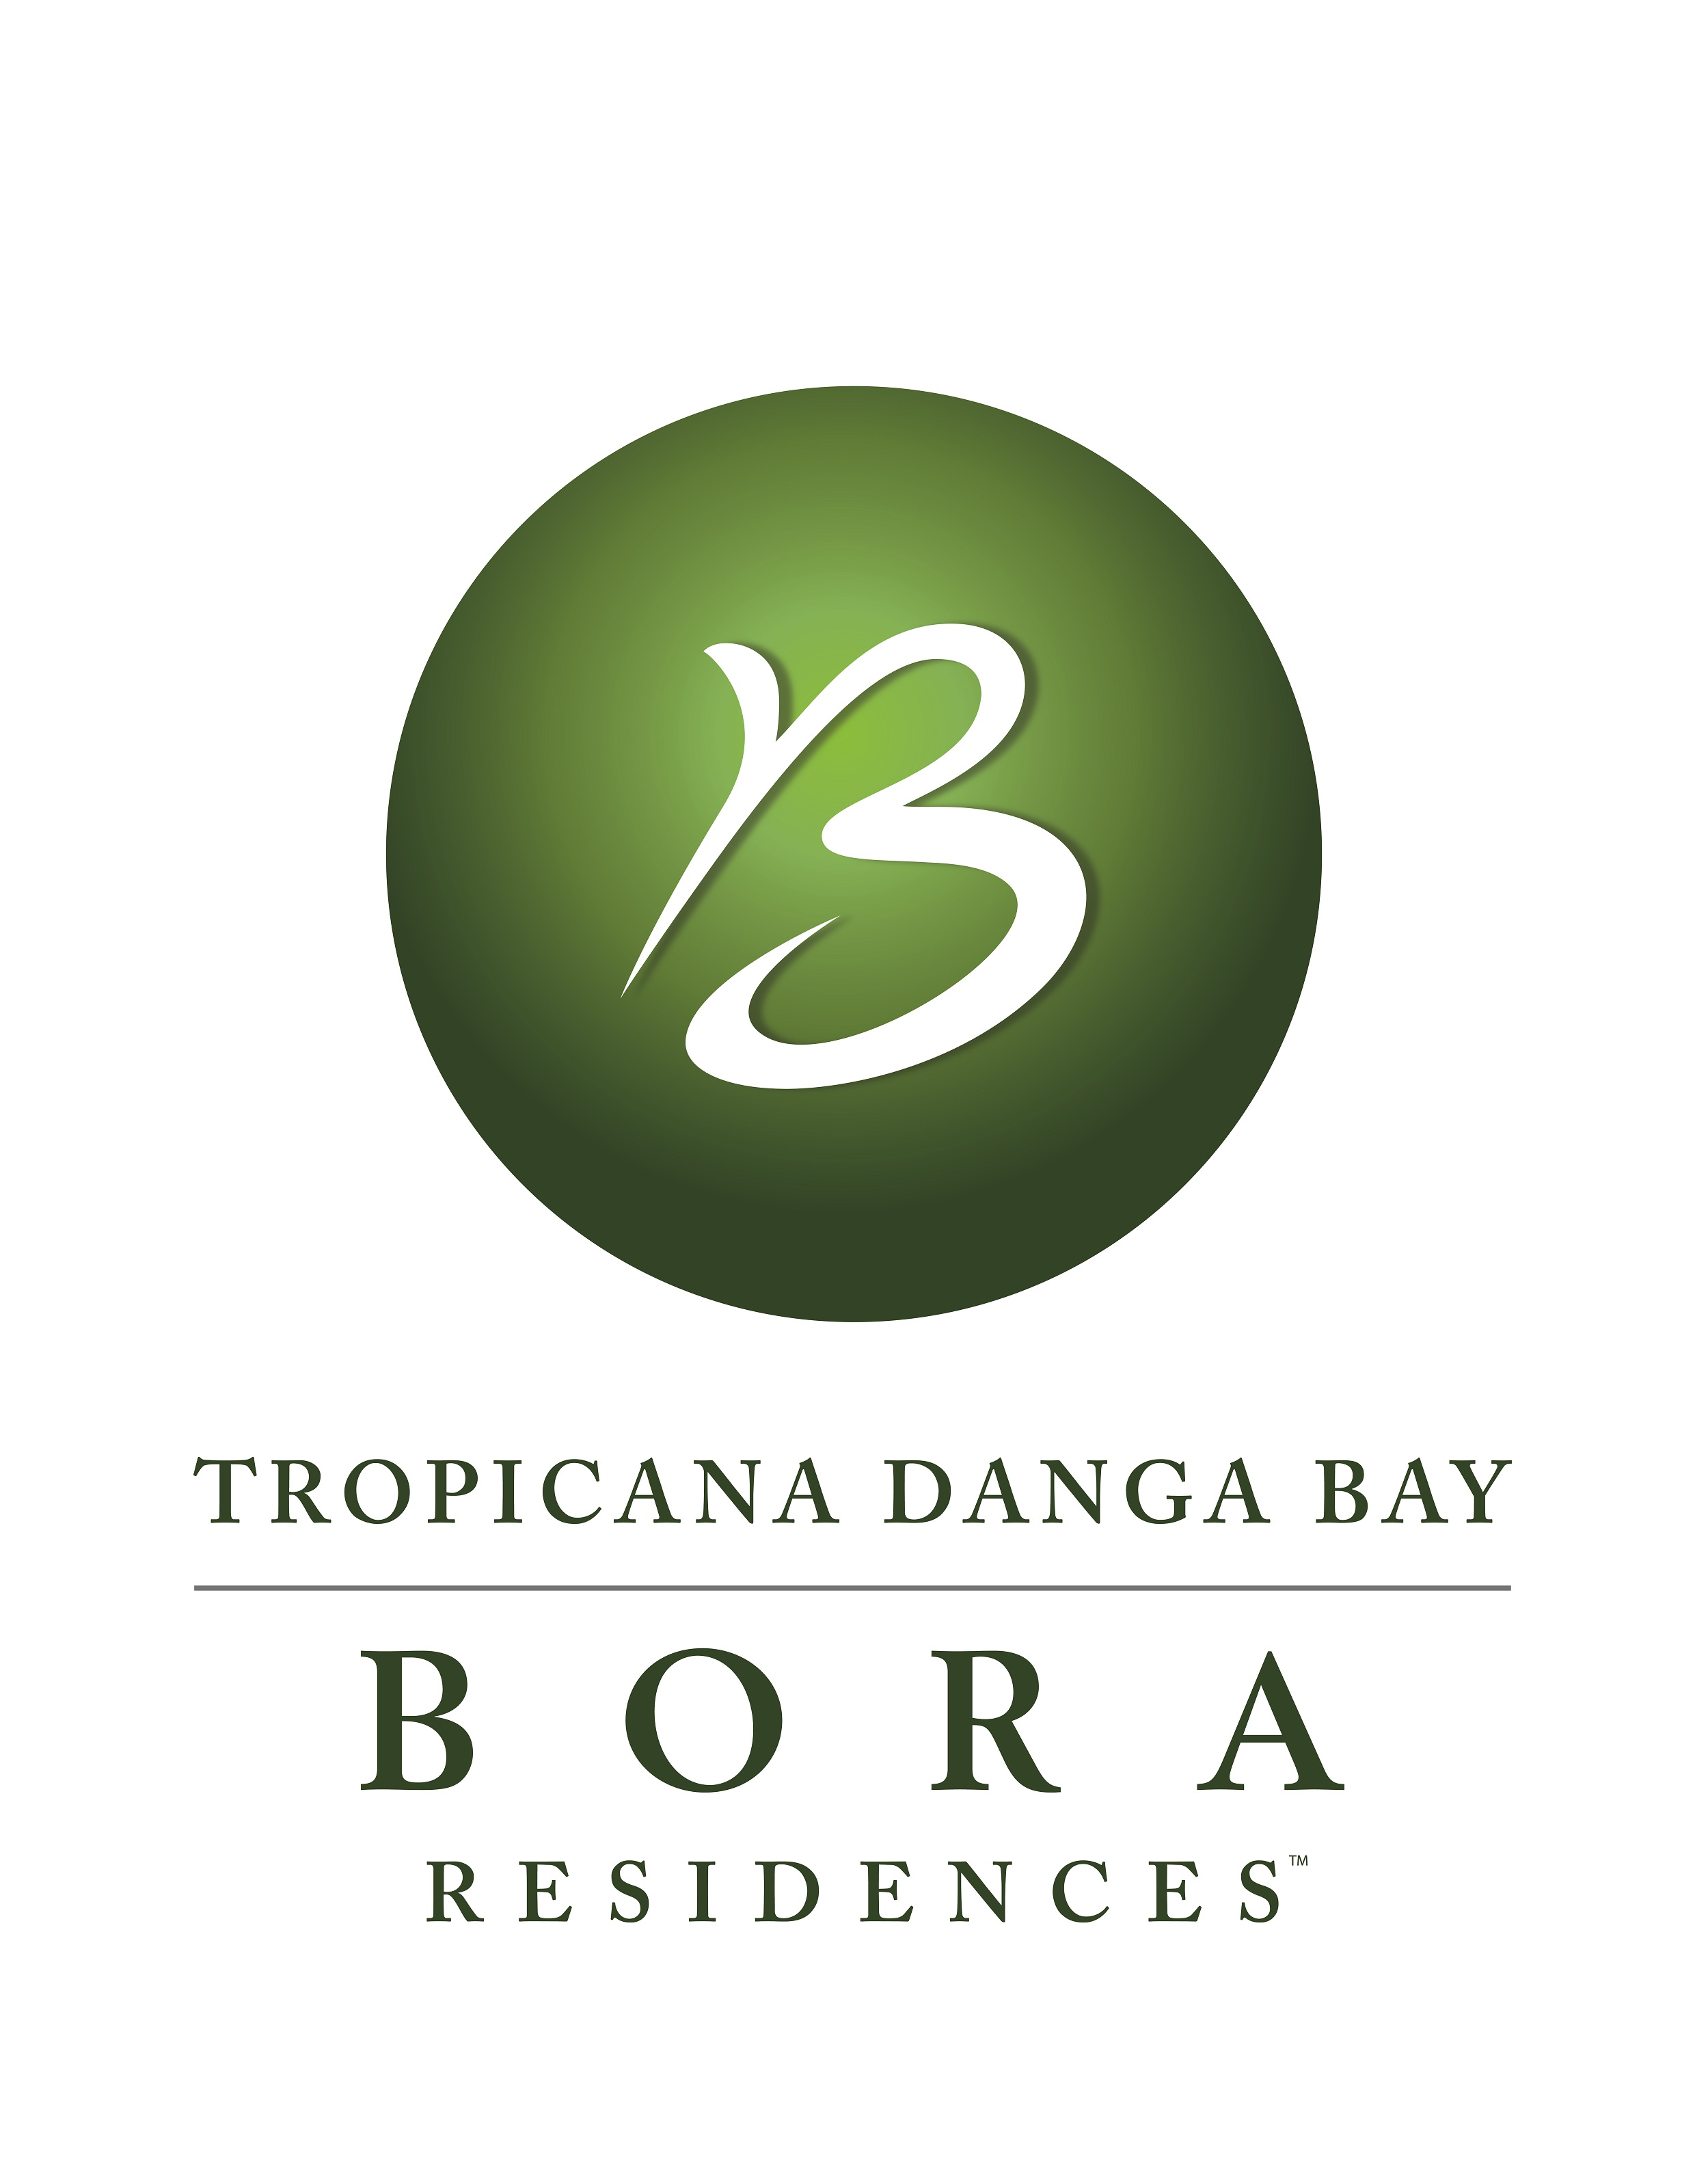 Bora Residences